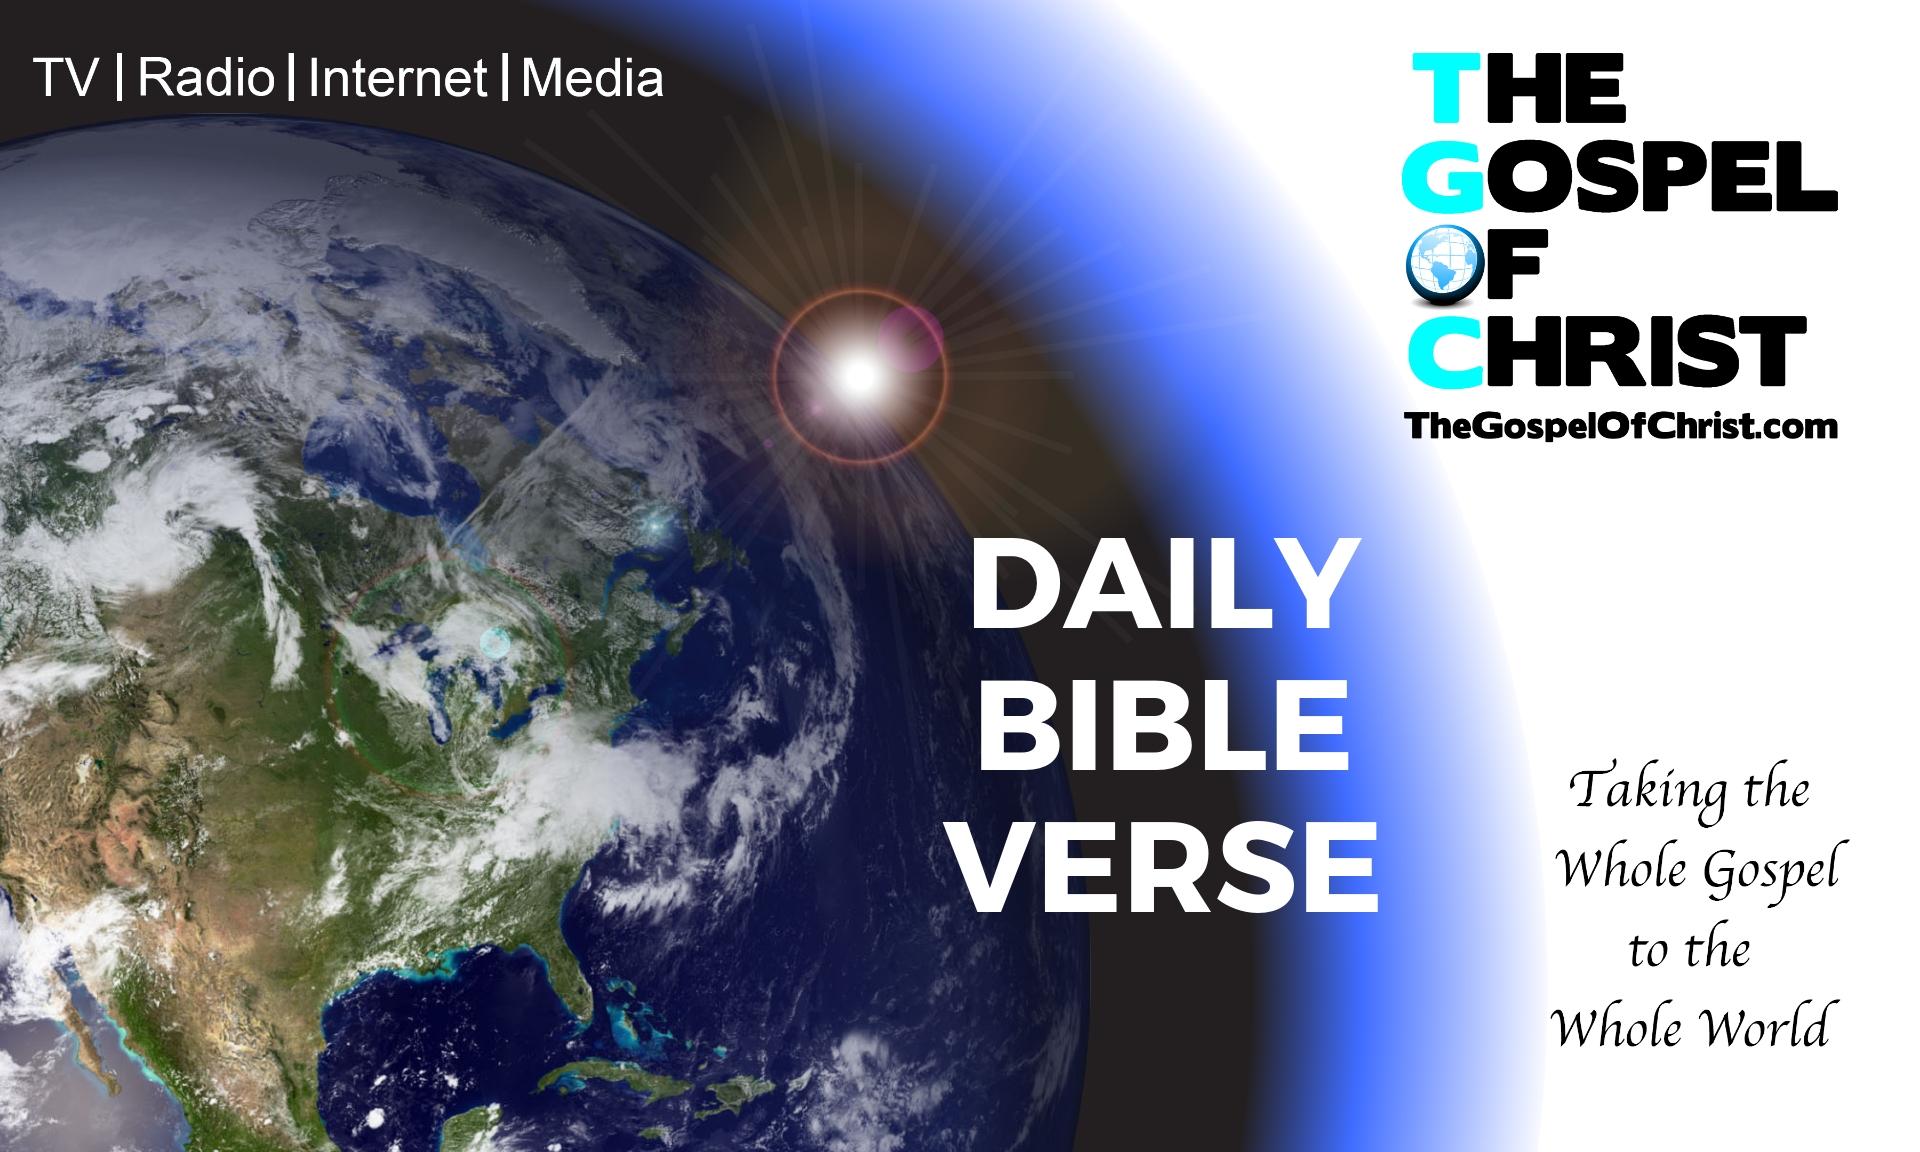 Daily Bible Verse.jpg